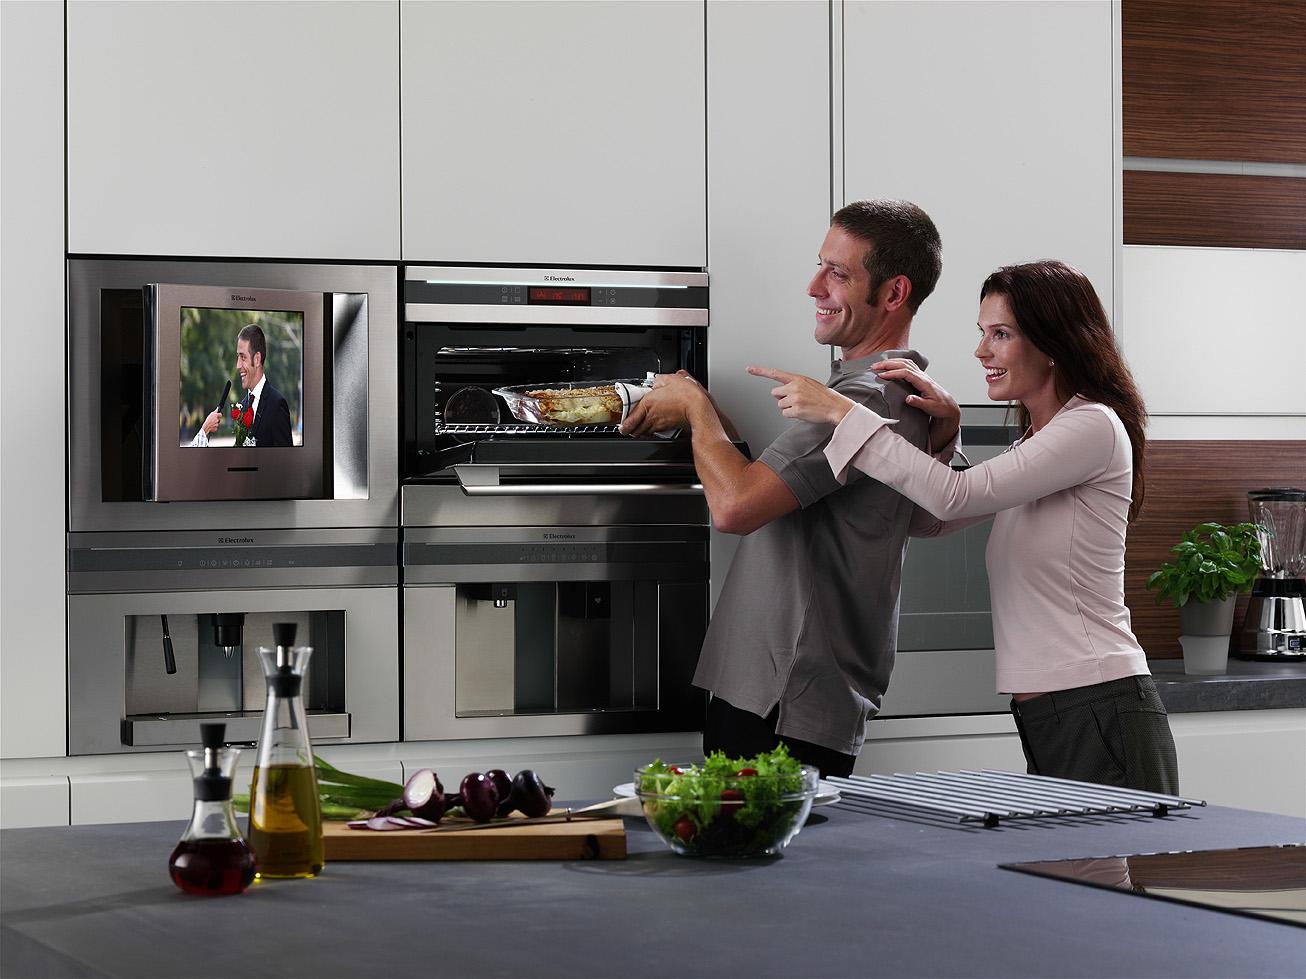 Телевизор в интерьере (50 фото): правильно располагаем и оформляем